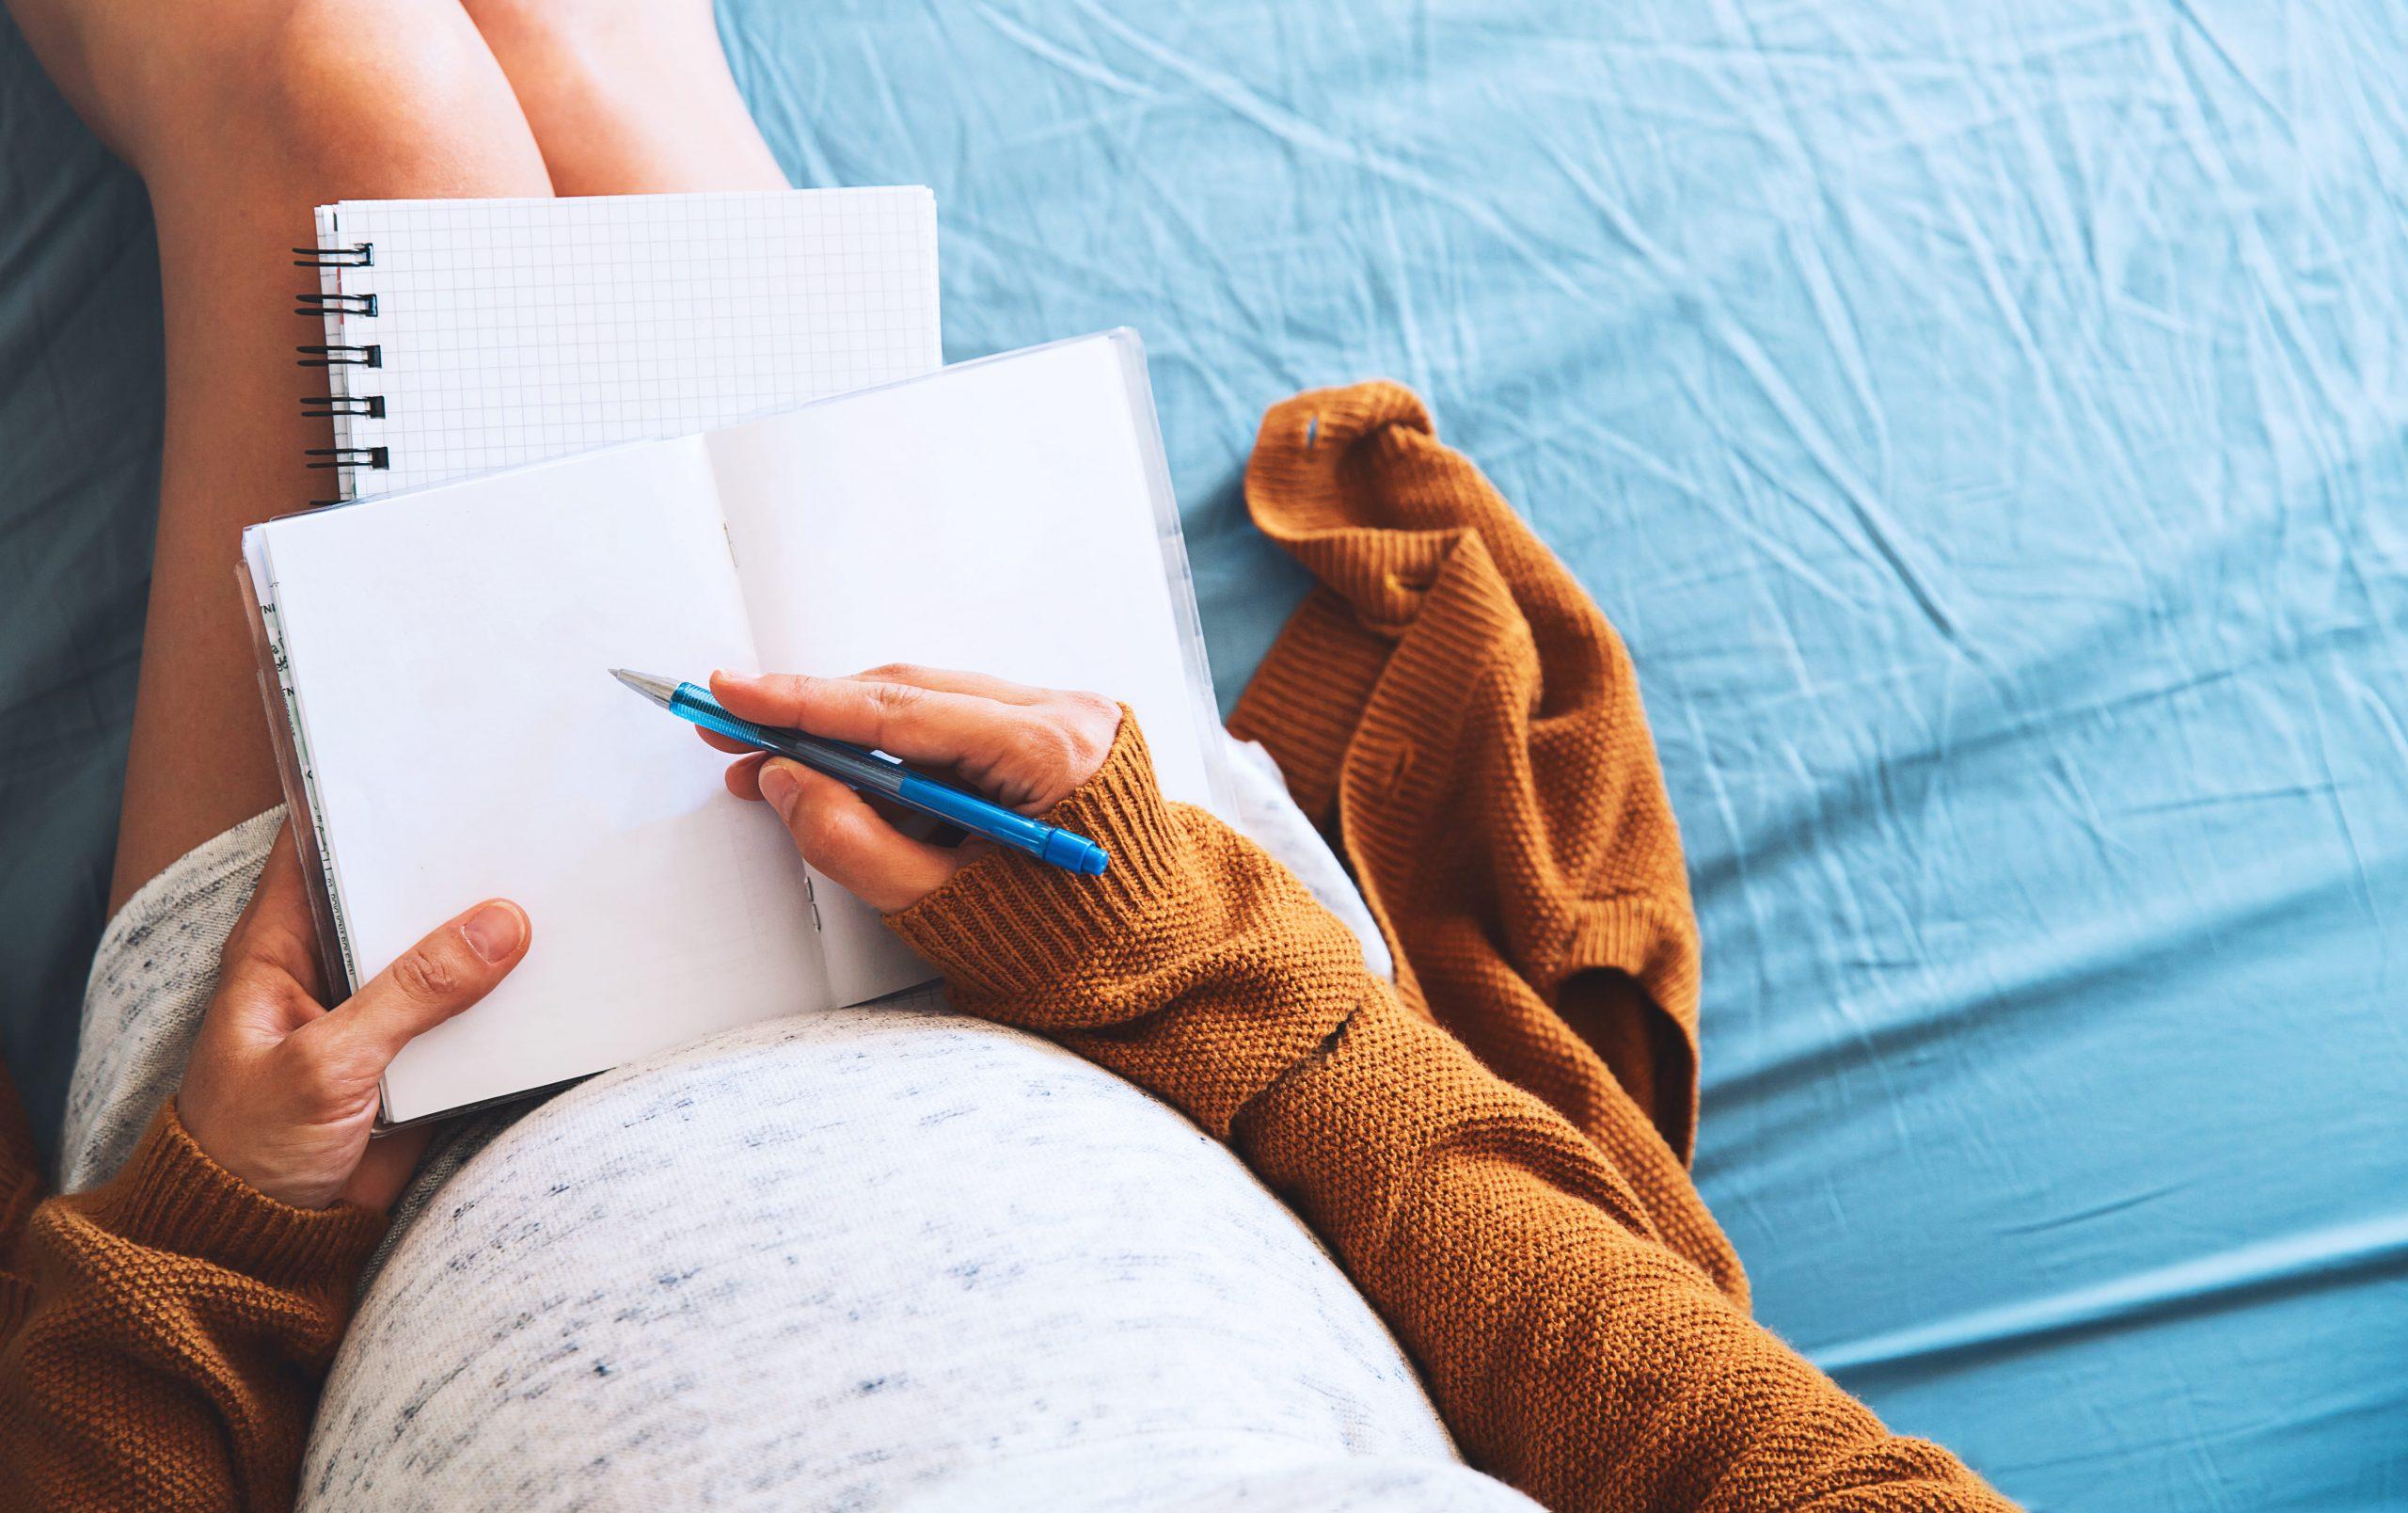 リストでわかる!出産前後に必要な手続き。いつまでに誰がやる?